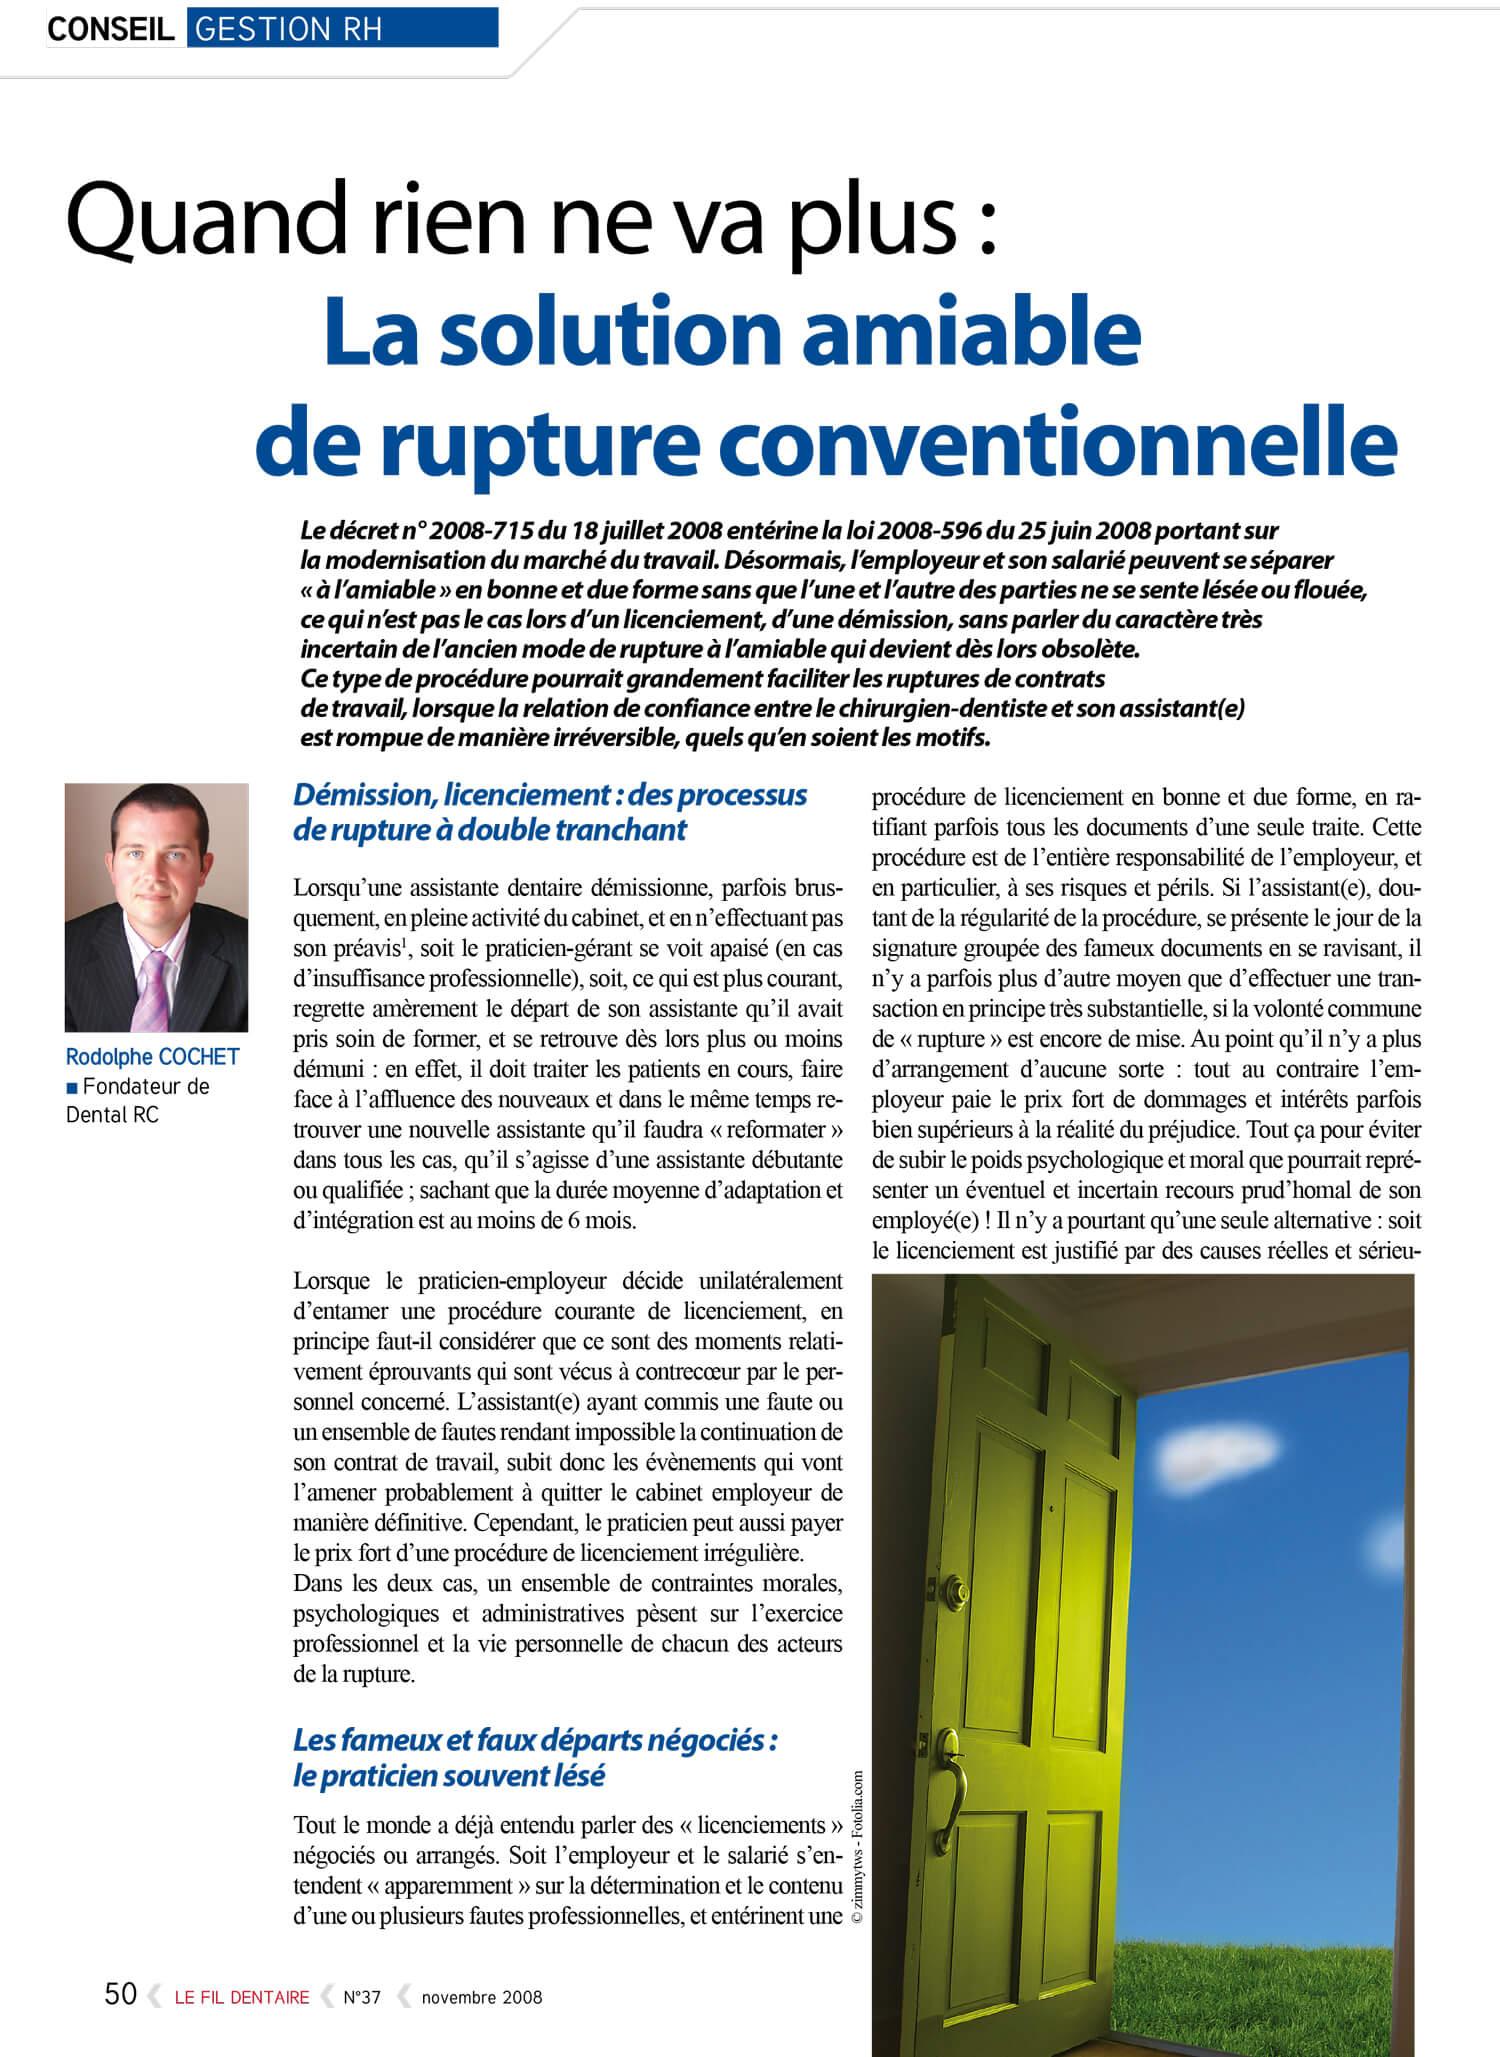 Le_Fil_Dentaire_La_solution_amiable_de_rupture_conventionnelle_Rodolphe_Cochet.jpg